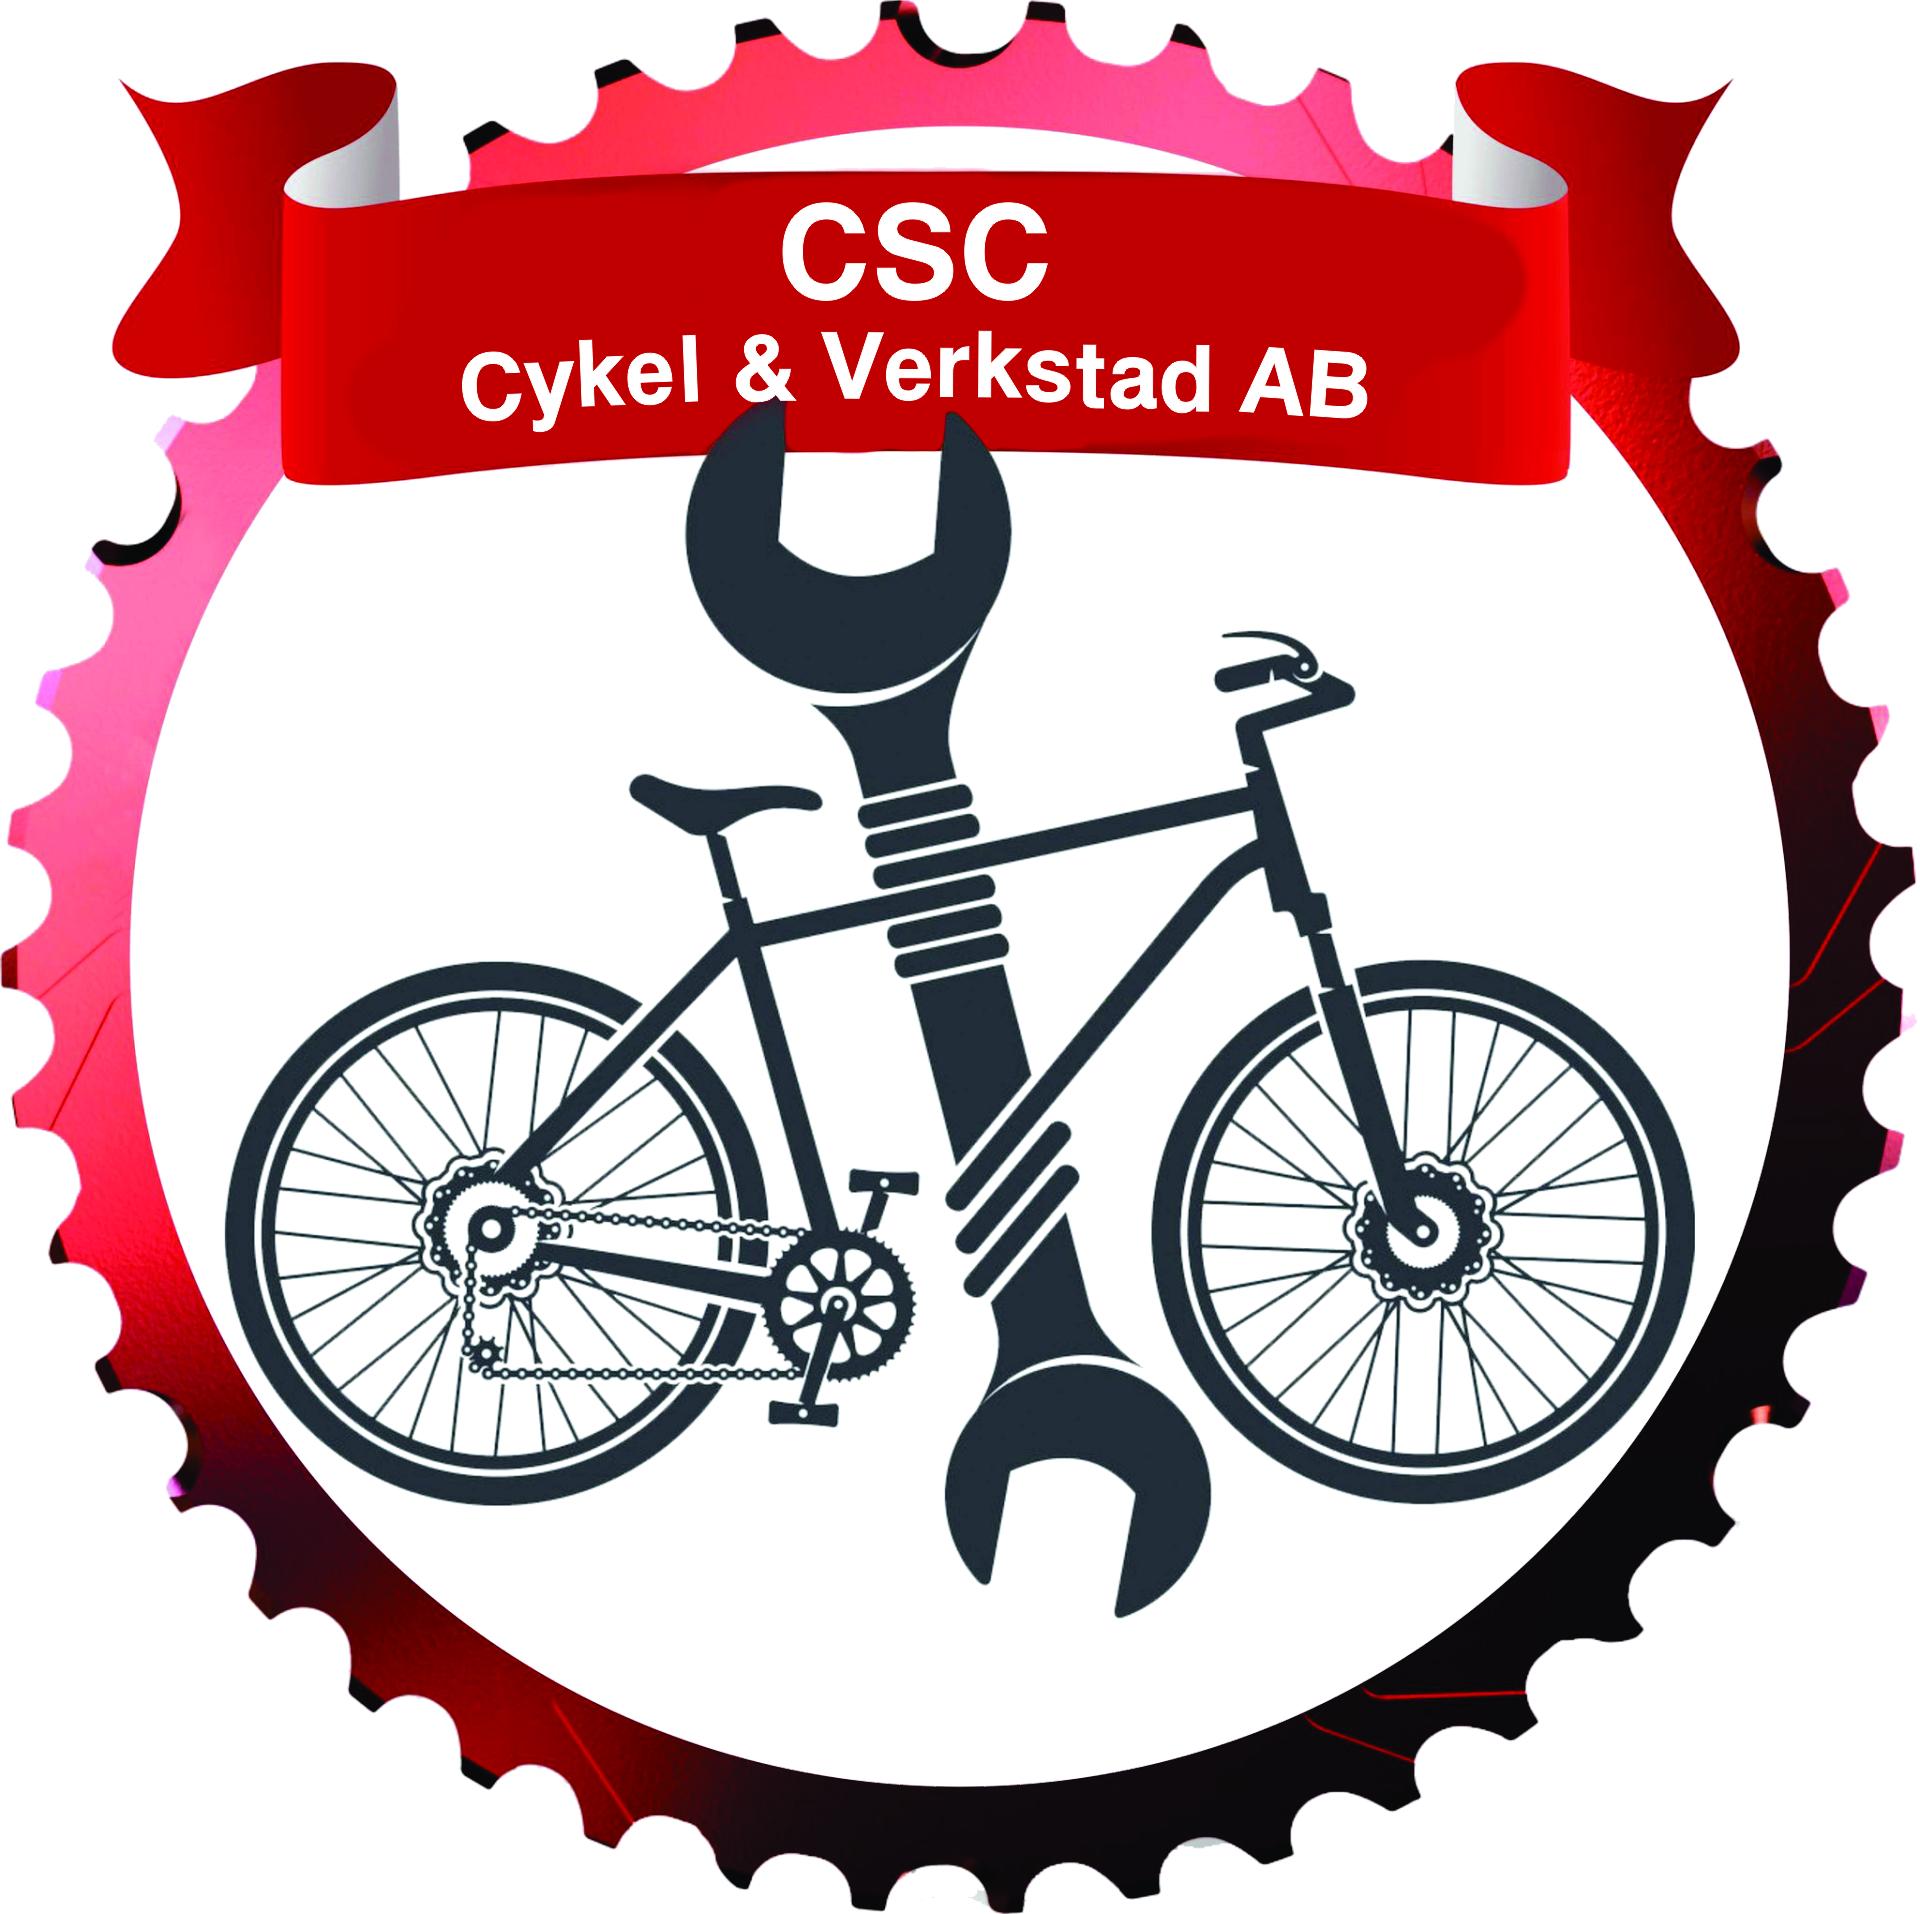 CSC Cykel och Verkstad AB